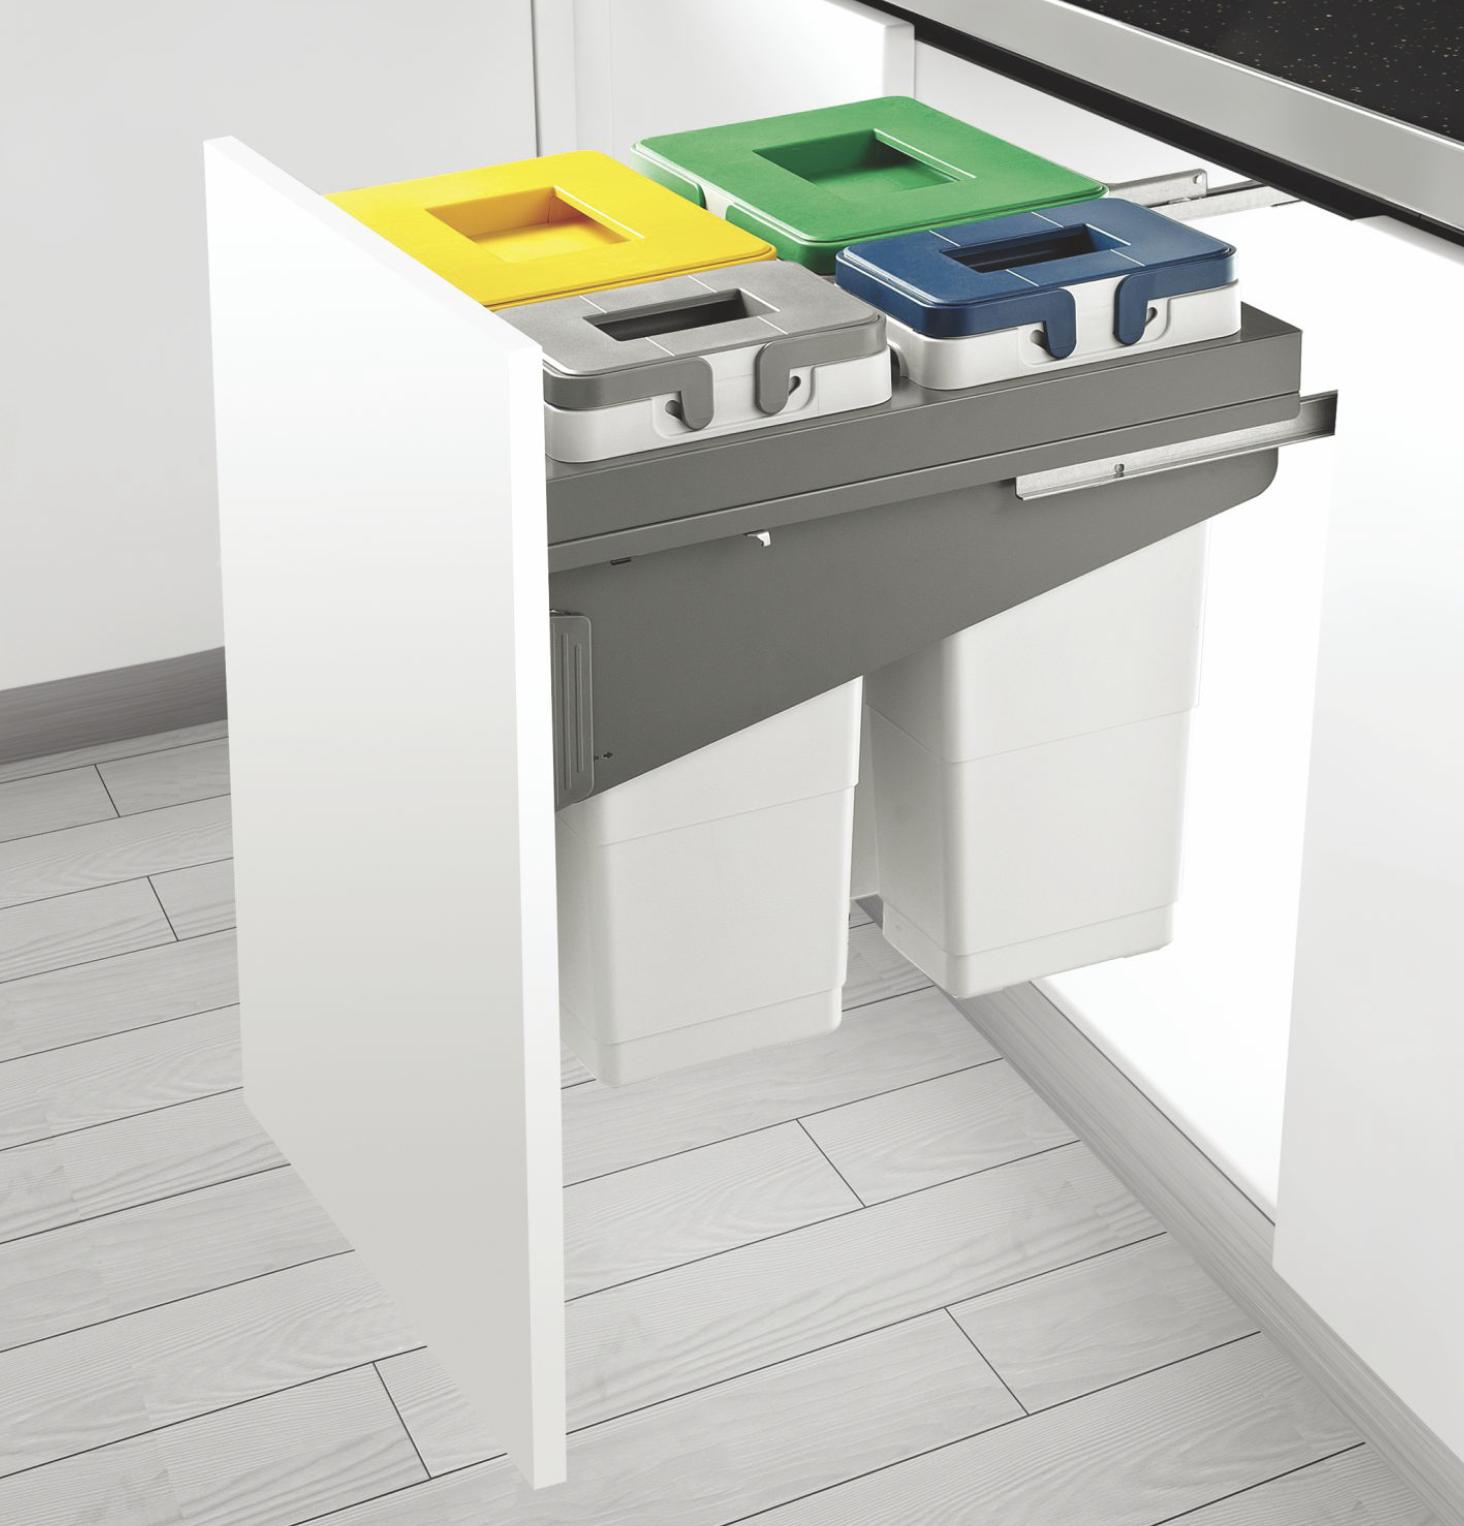 Unicargo Storage Bins